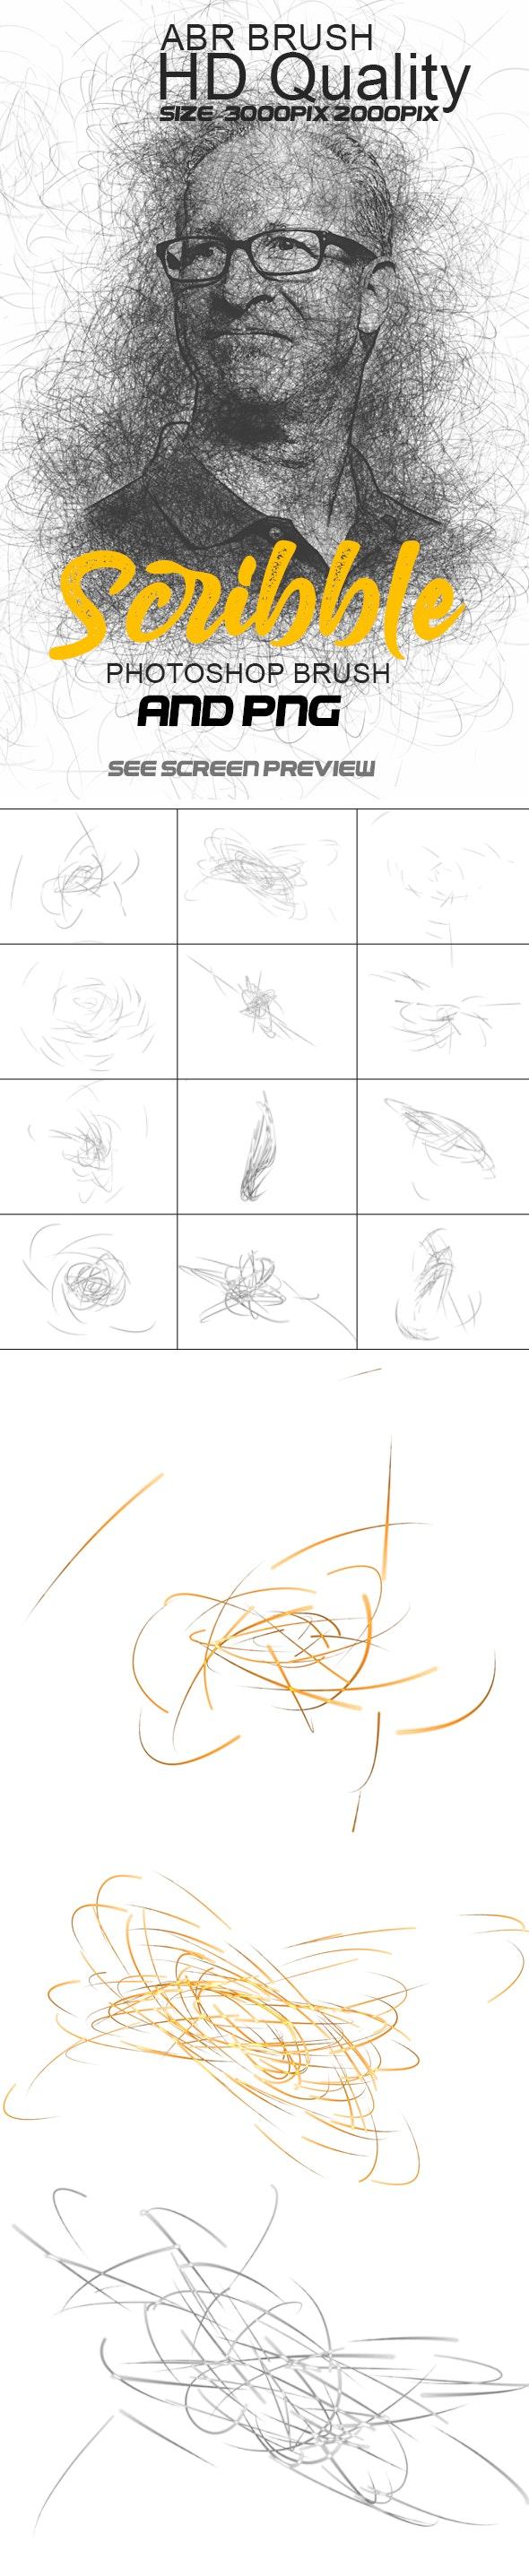 涂鸦水彩艺术画笔PS笔刷透明素材